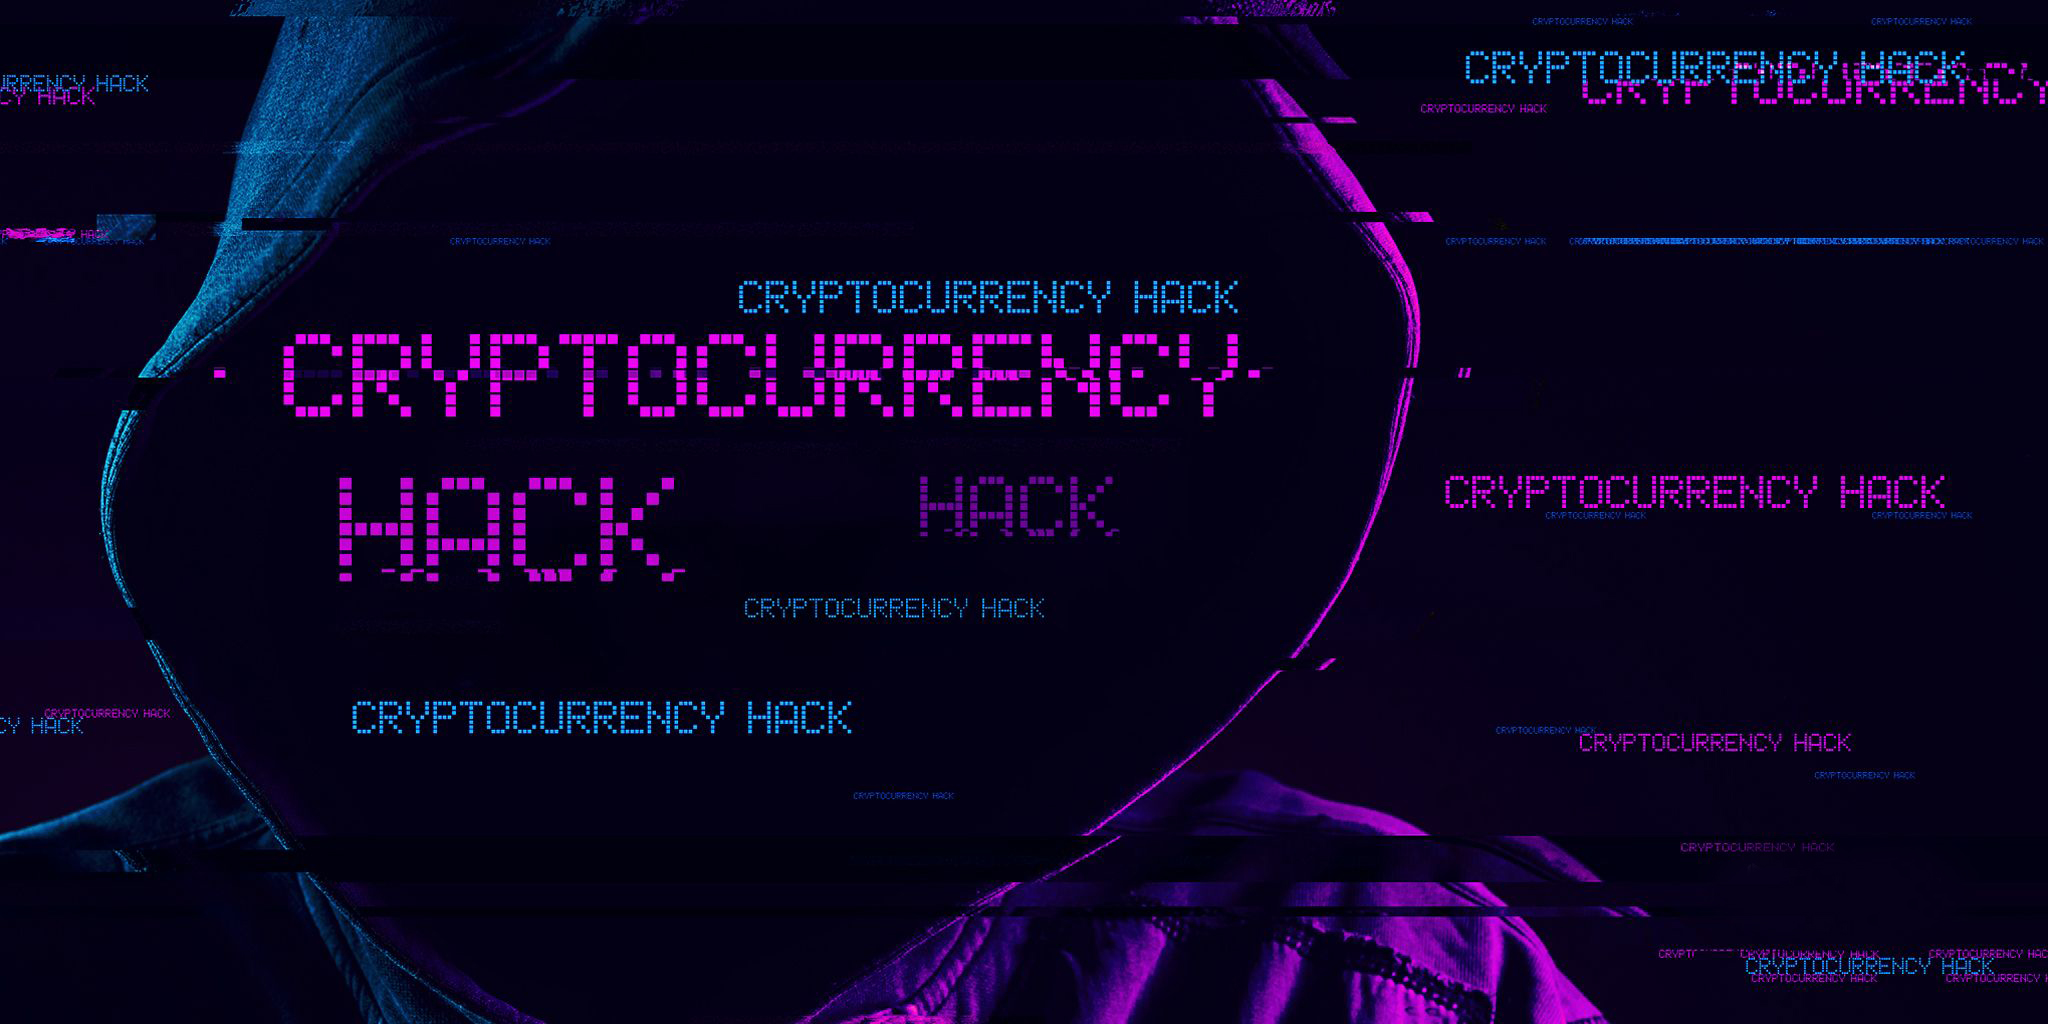 ethereum altcoin hack saldırısı 500 bin dolar